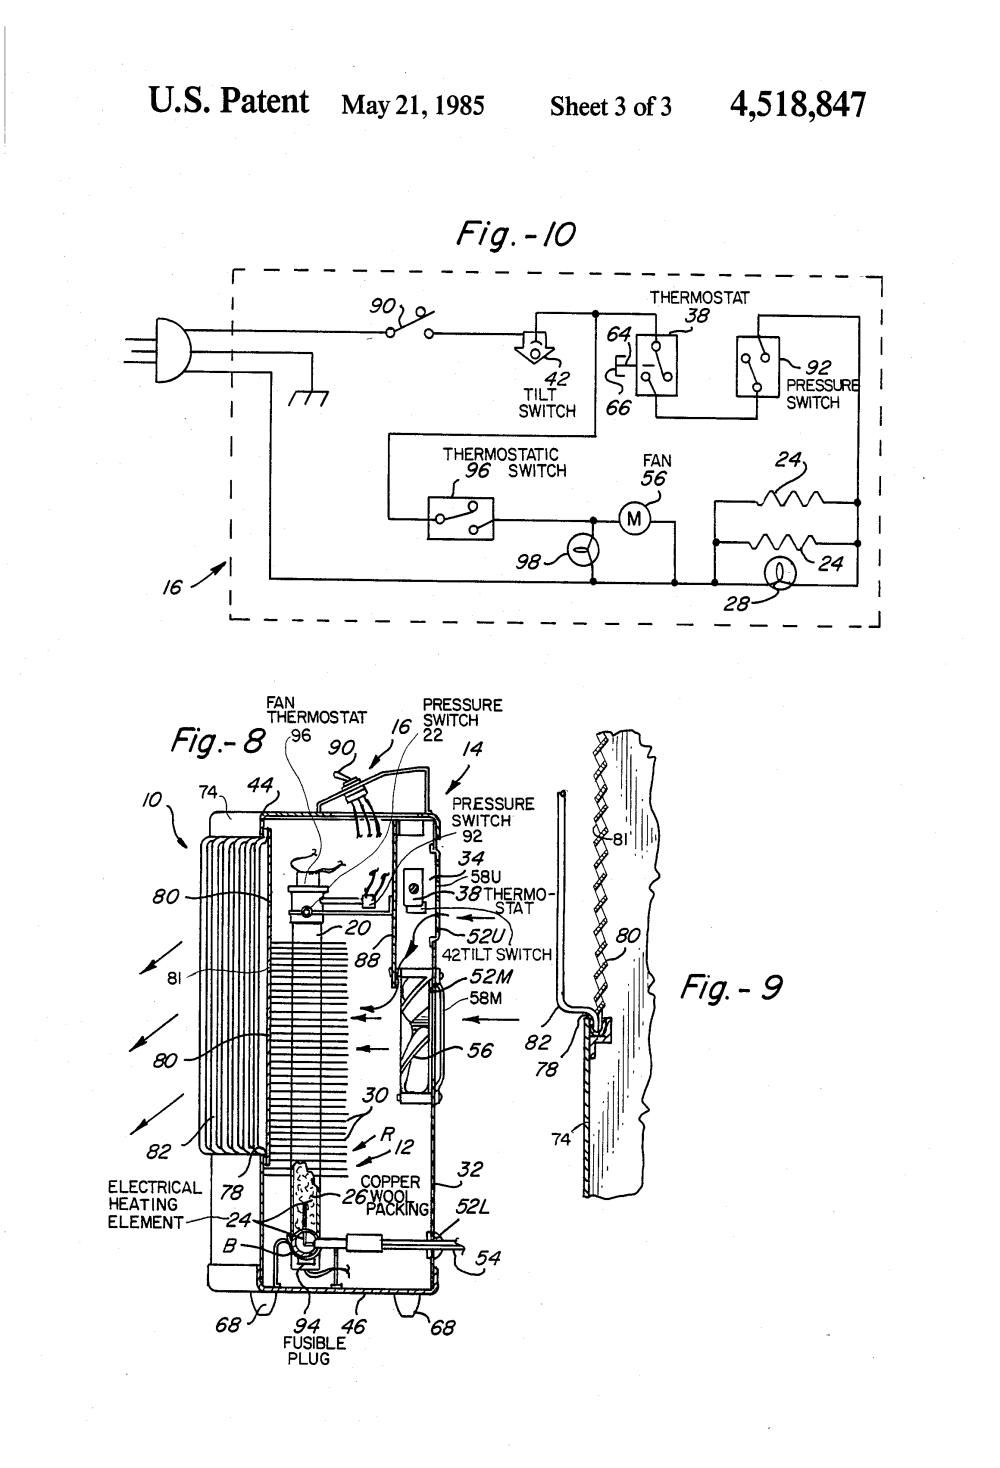 medium resolution of 1993 chevy silverado radio wiring diagram html autos post electric water heater wiring diagram milkhouse heater